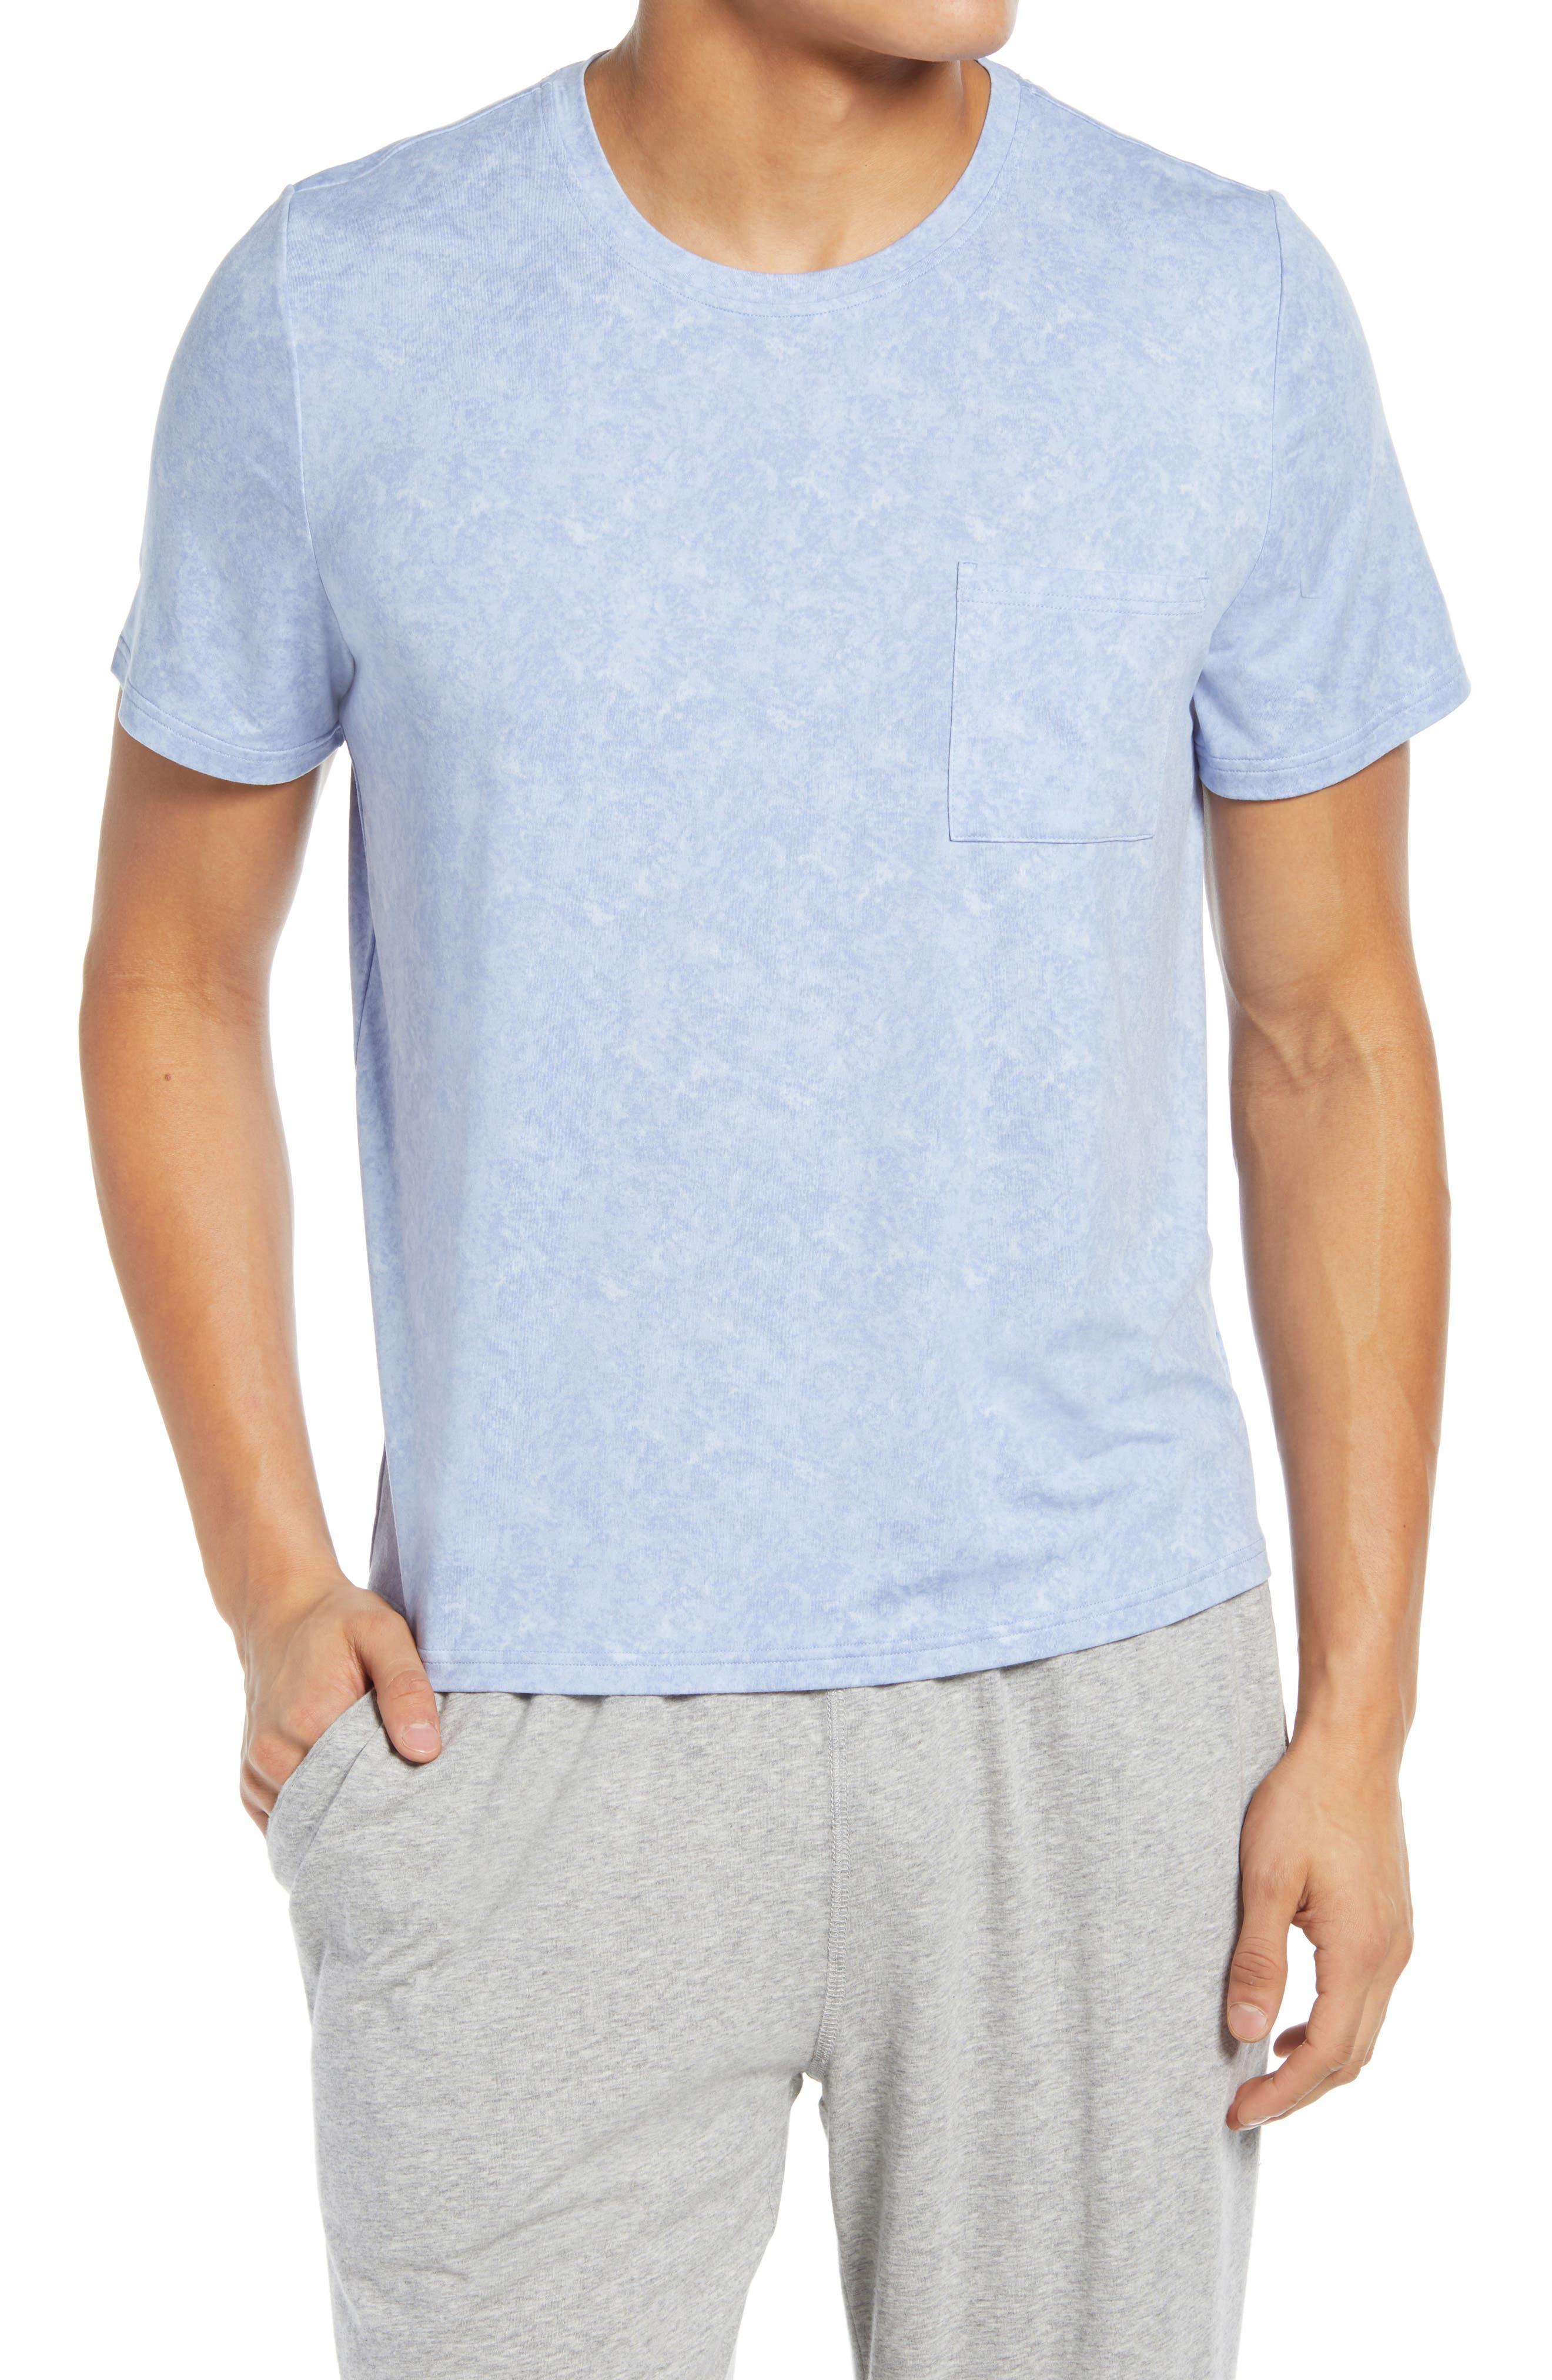 Emerson Road Stonewash Pocket T-Shirt